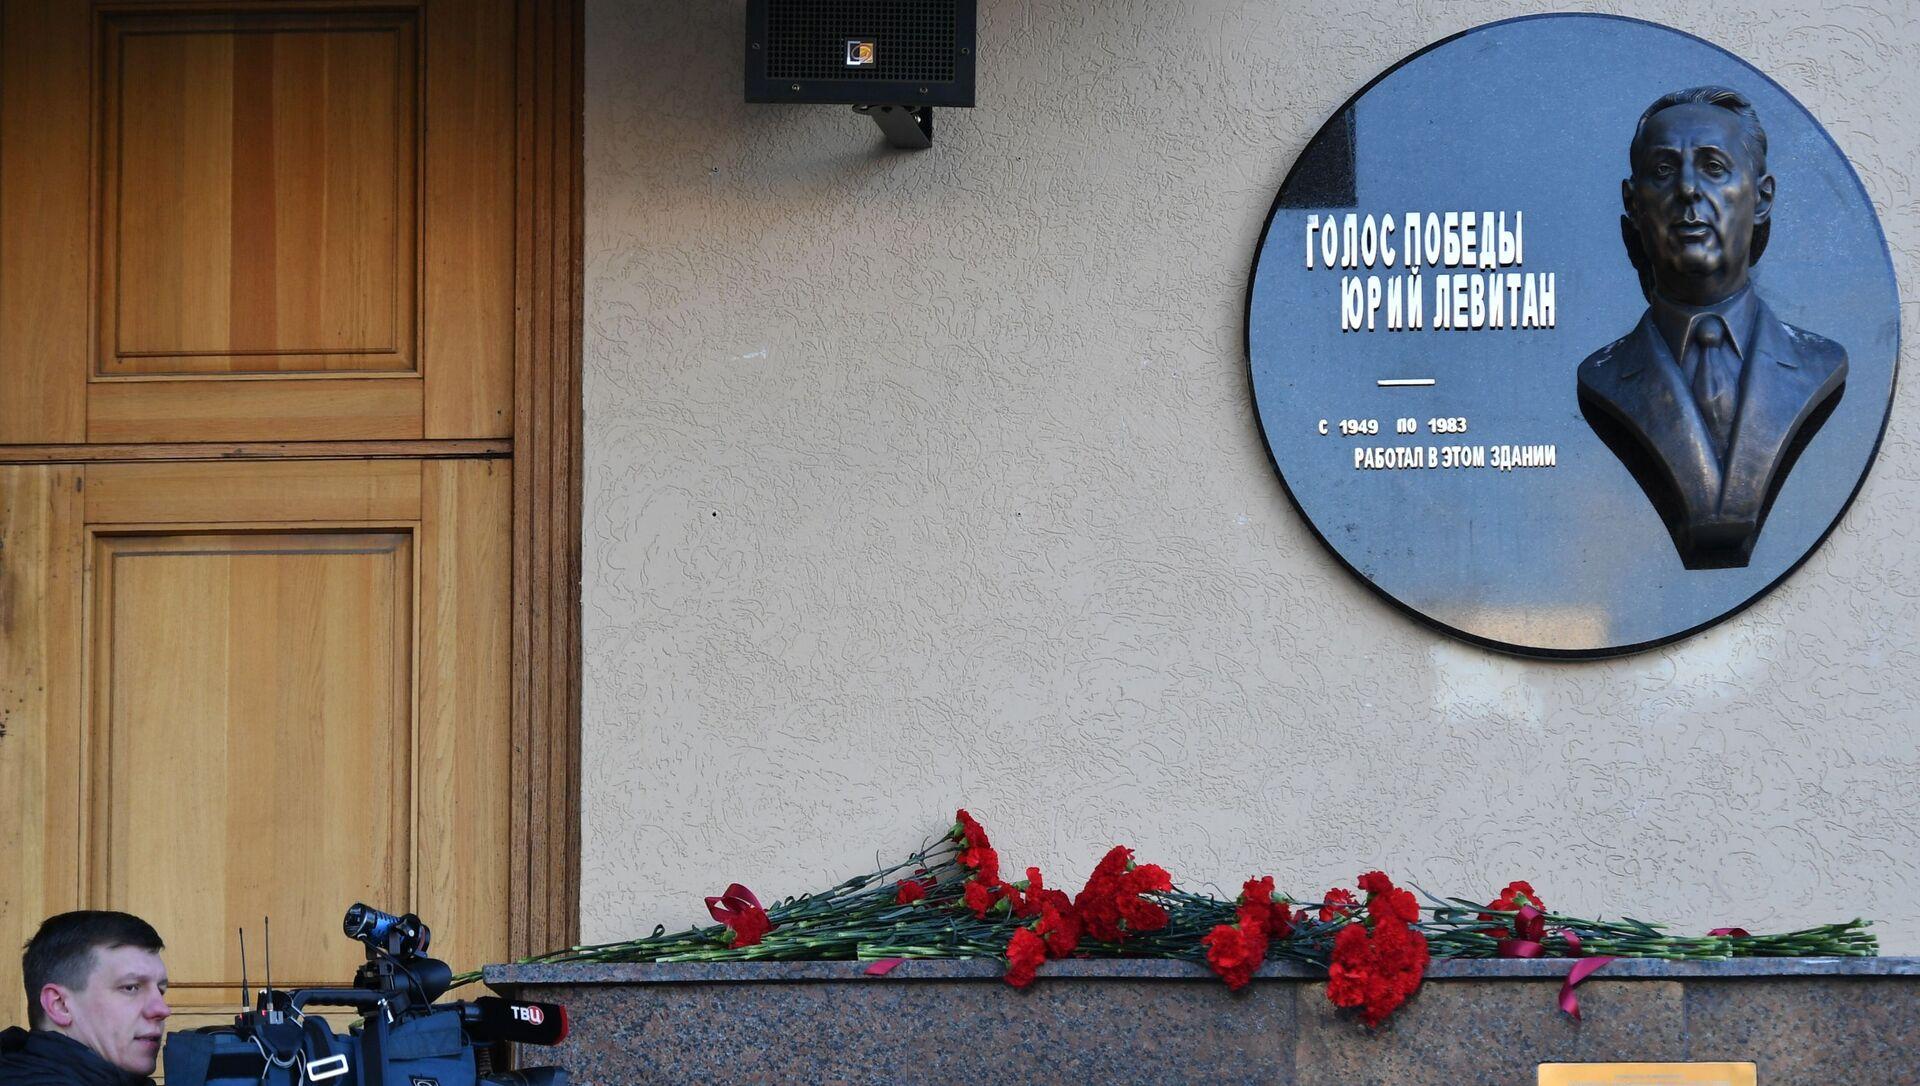 V Moskvě byla odhalena pamětní deska na počest Jurije Levitana - Sputnik Česká republika, 1920, 02.02.2021